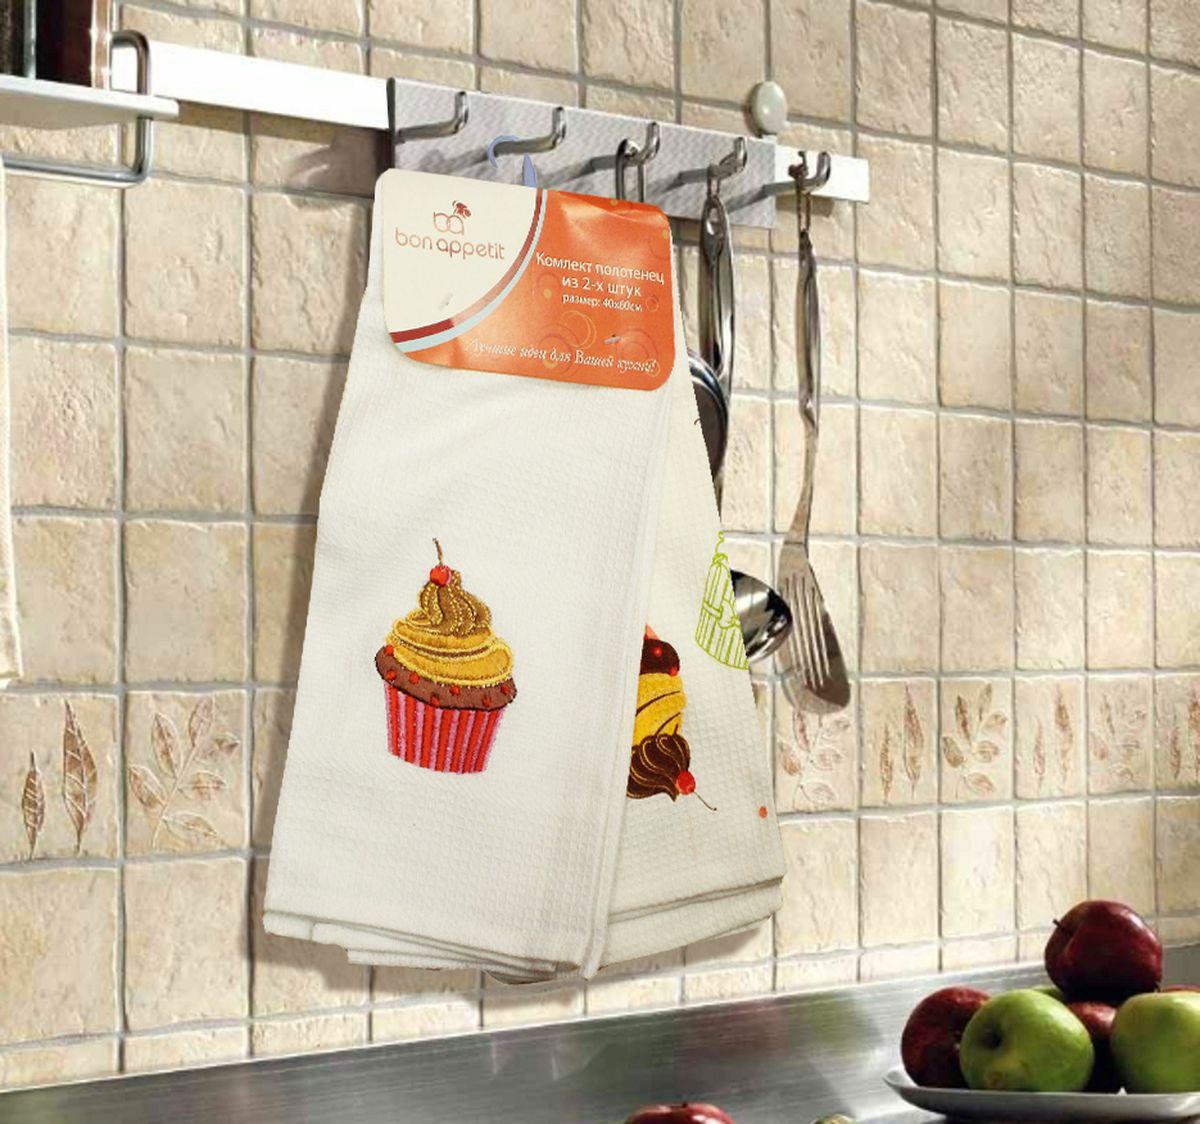 Набор кухонных полотенец Bon Appetit Cake, цвет: белый, 2 шт68109Кухонные полотенца Bon Appetit Cake - в помощь хозяйке на кухне! Кухонные полотенца Bon Appetit Cake идеально дополнят интерьер вашей кухни и создадут атмосферу уюта и комфорта. Полотенца выполнены из натурального 100% хлопка, поэтому являются экологически чистыми. Качество материала гарантирует безопасность не только взрослых, но и самых маленьких членов семьи.